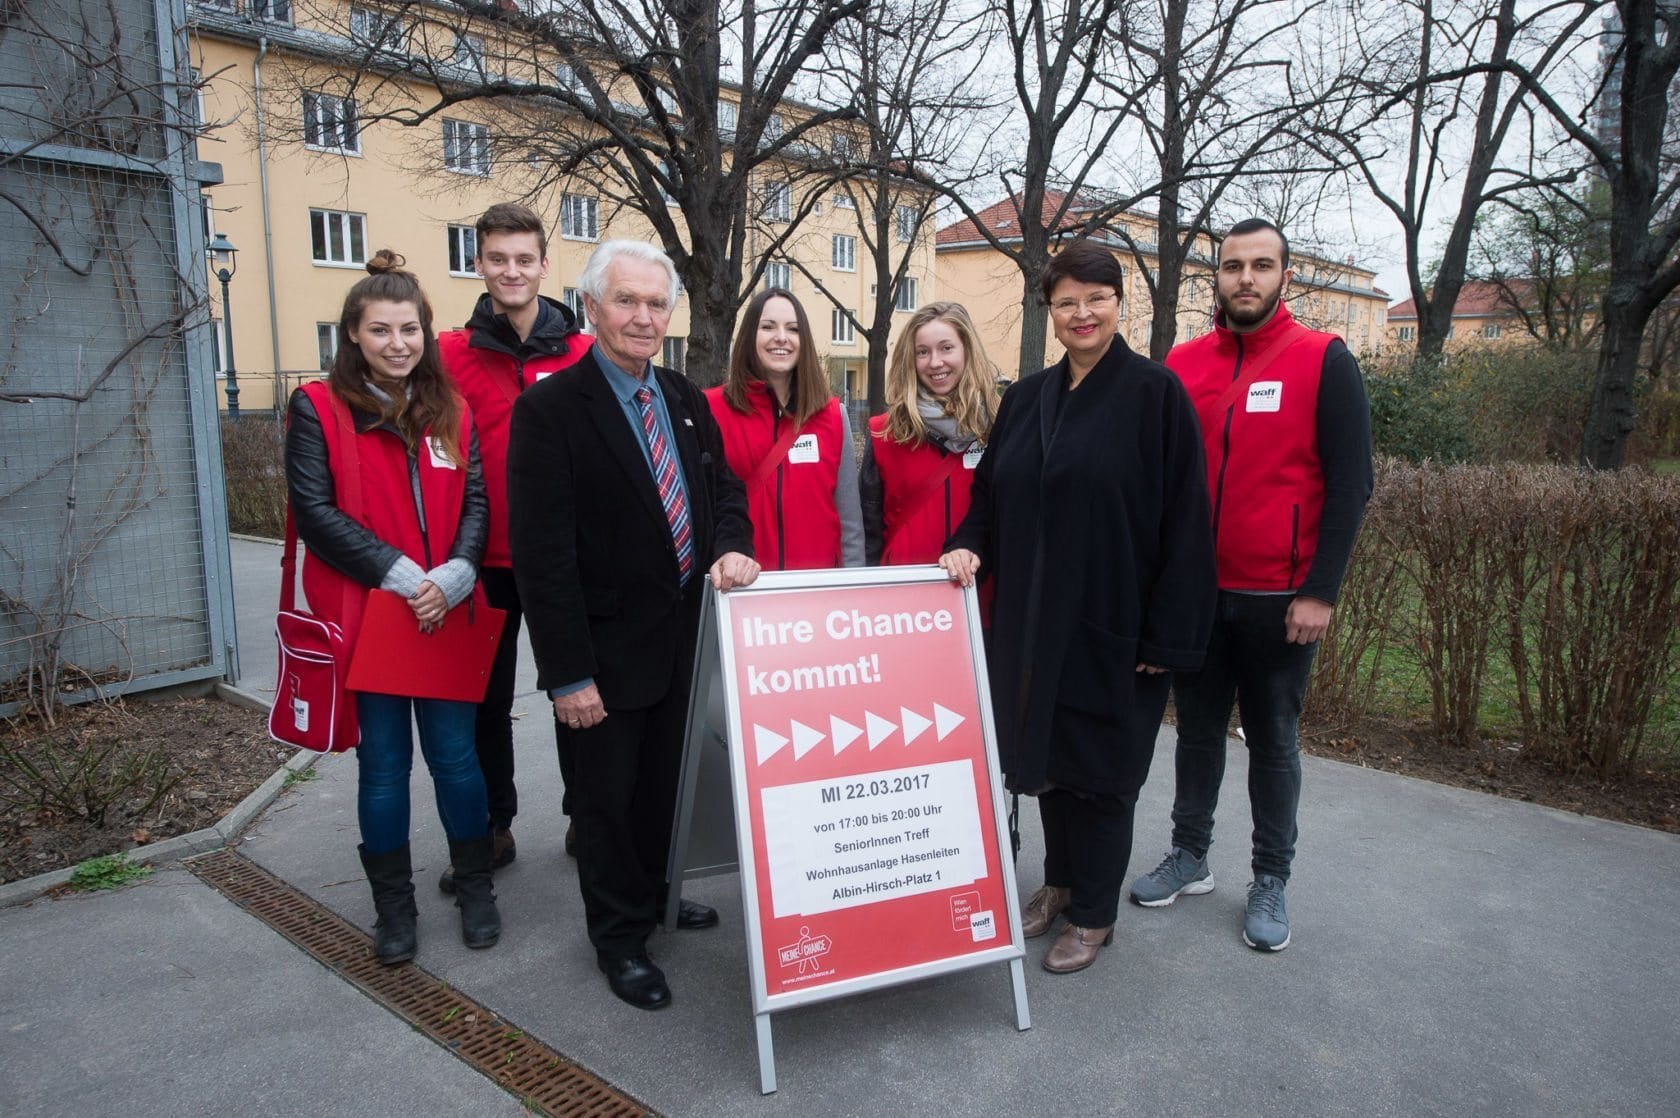 waff-Gemeindebauaktion mit Stadträtin Renate Brauner und Bezirksvorsteher Stv. Peter Kriz